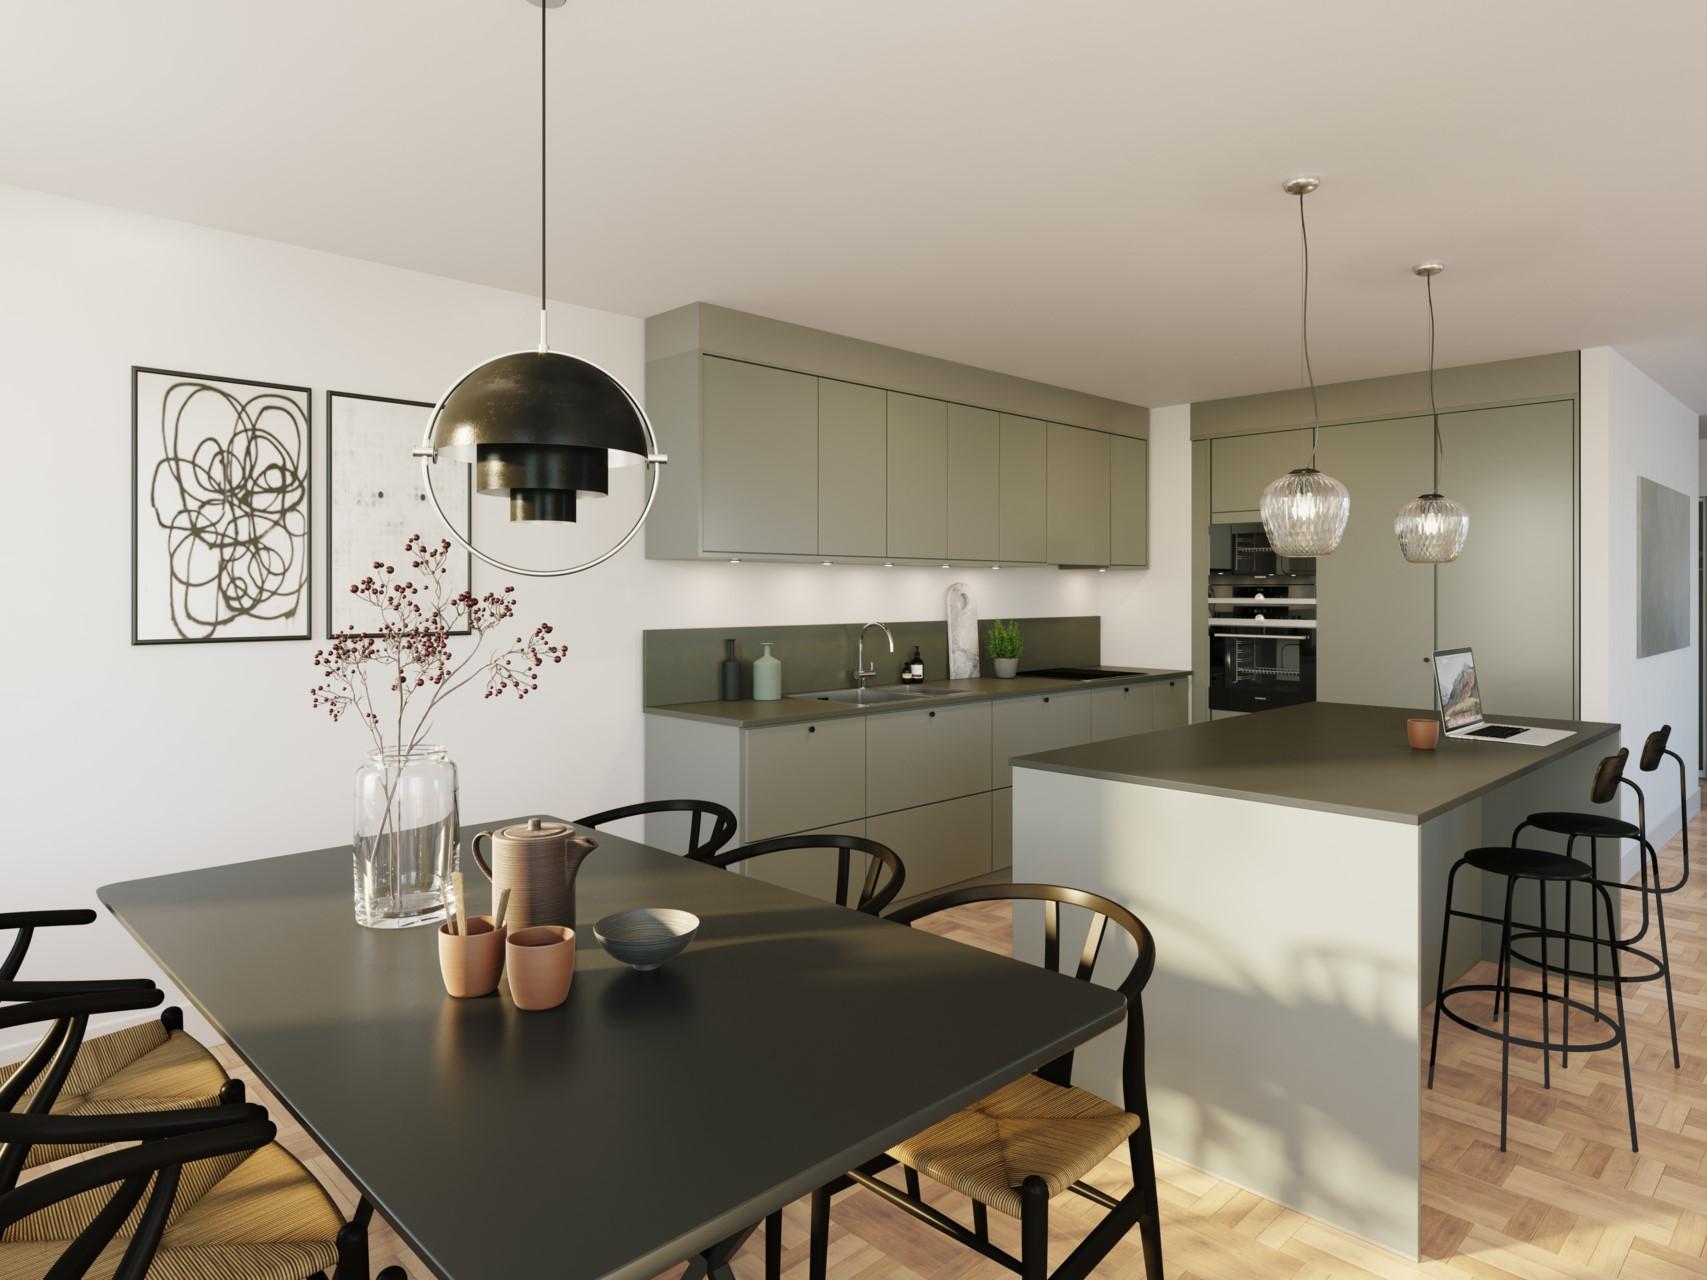 Animerad bild - exempel på köksinredning